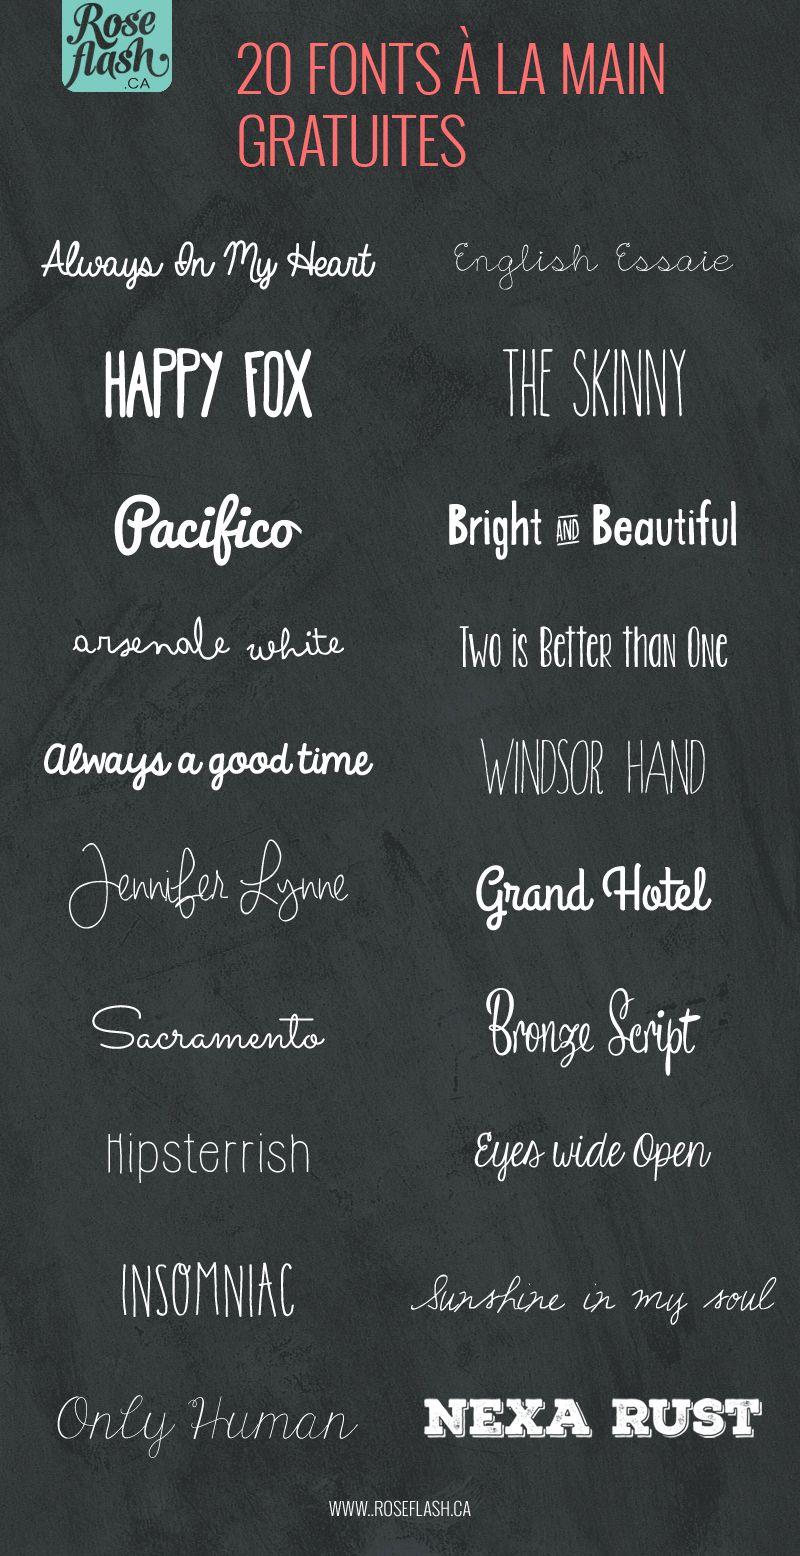 20 Fonts A La Main Gratuites